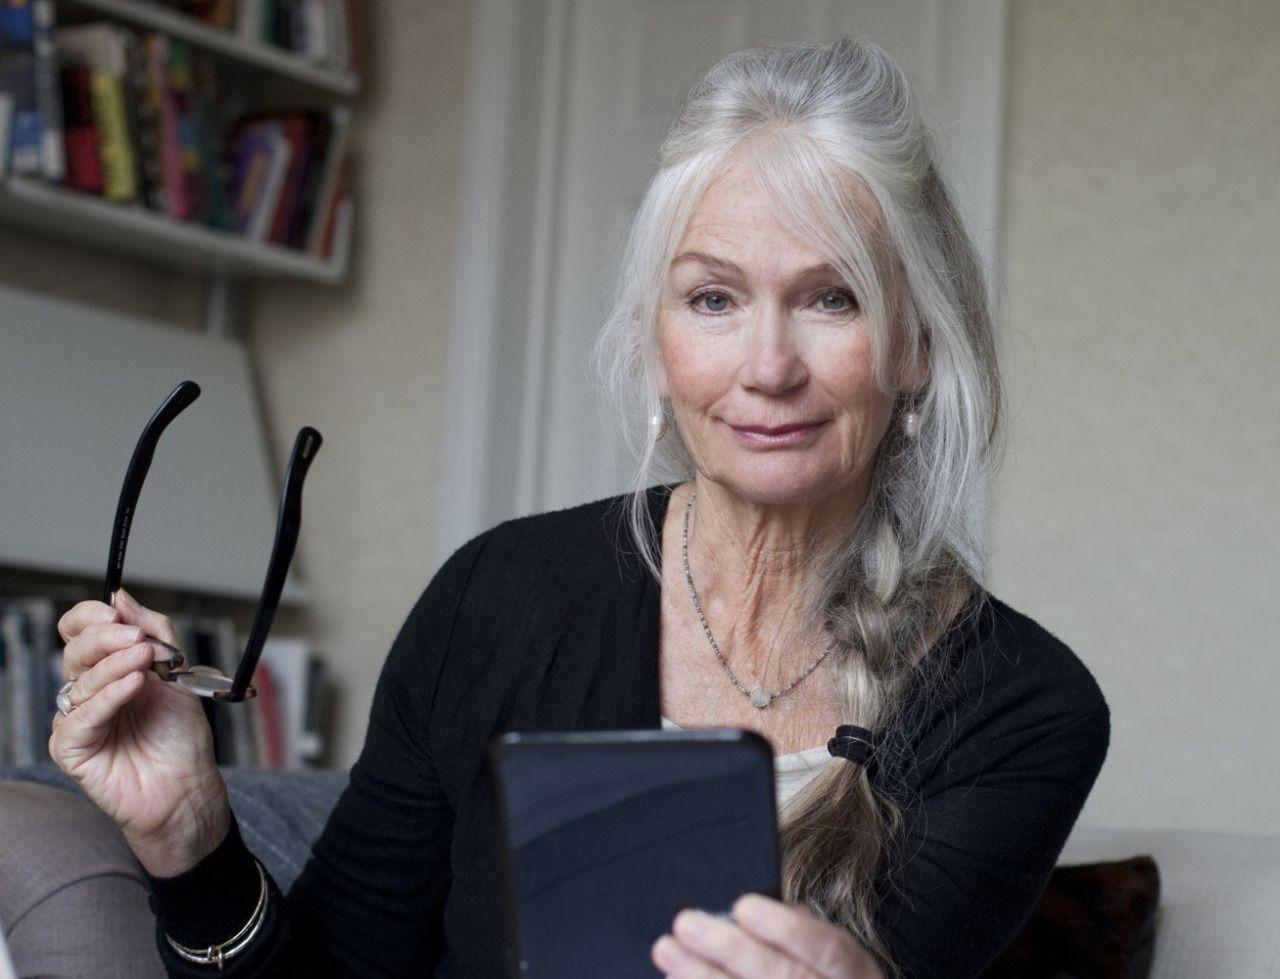 Older women are lovely too